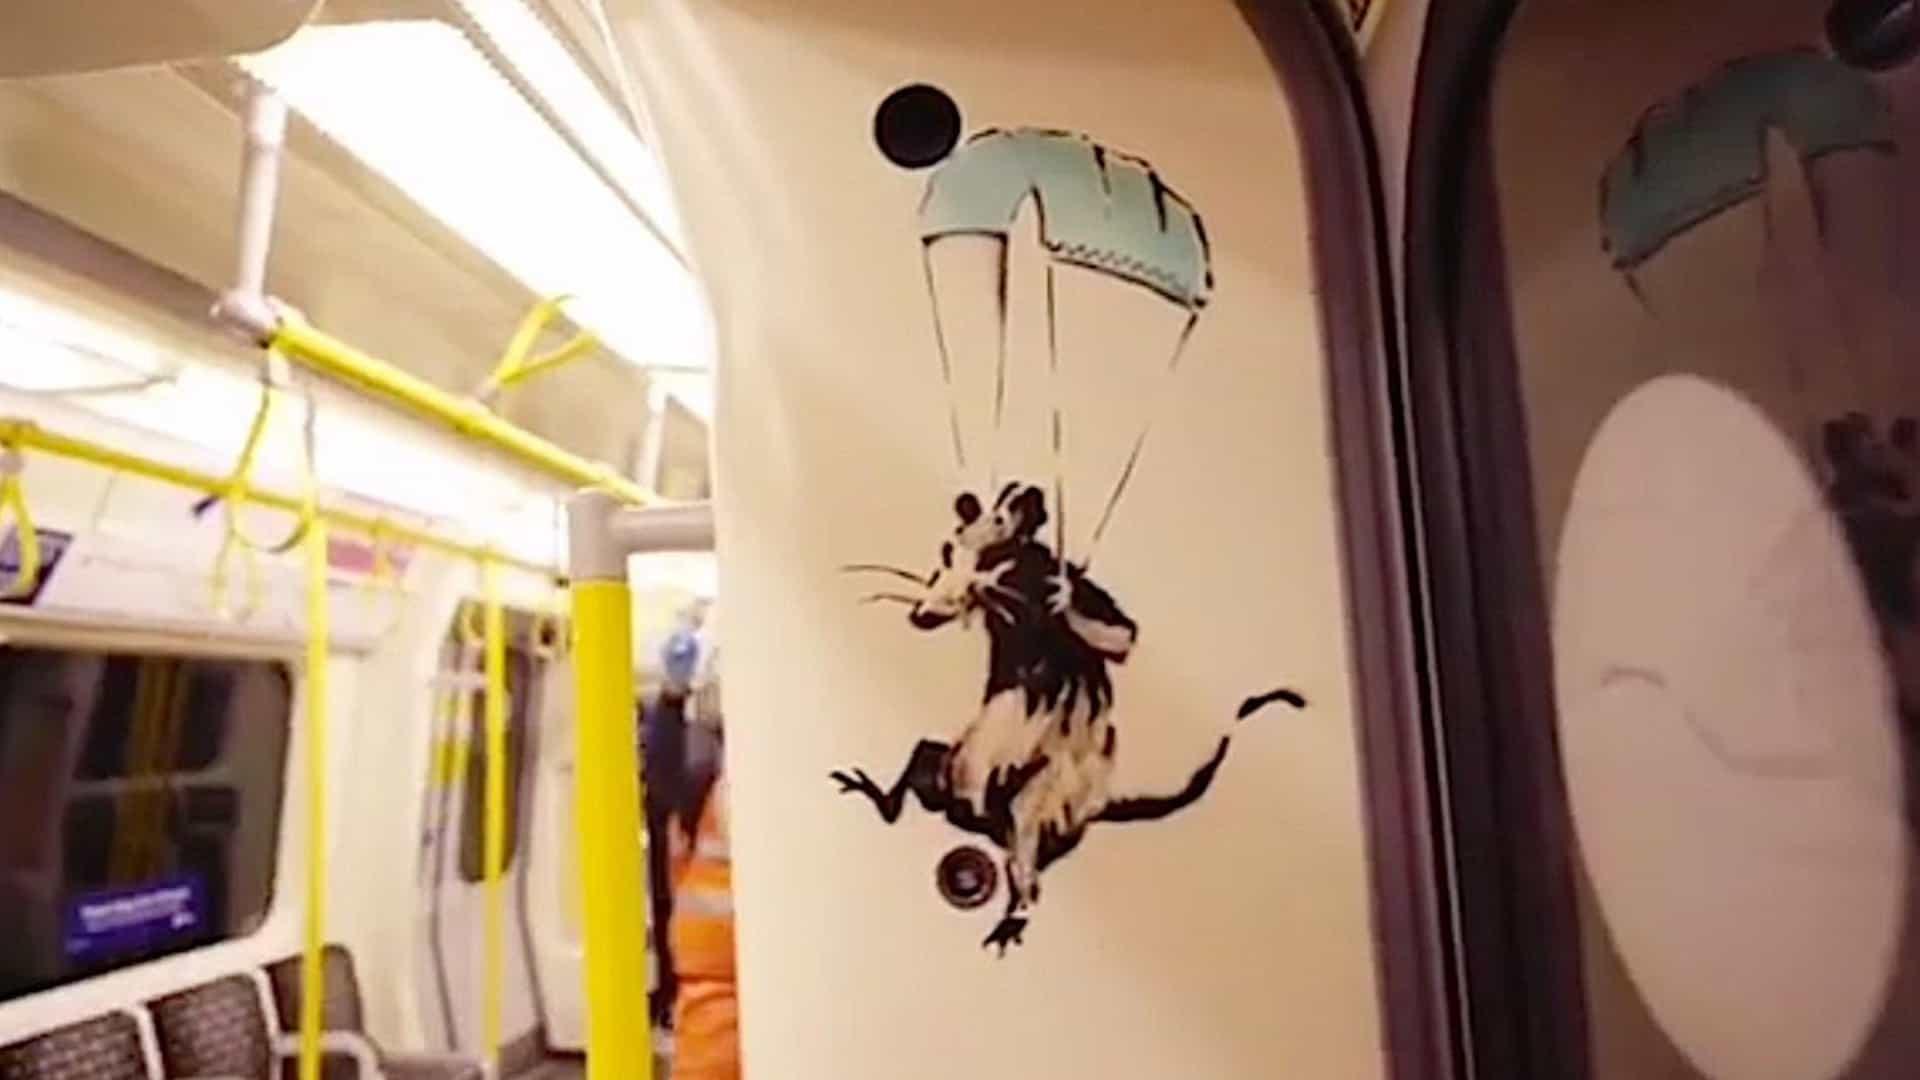 Aparece temático del arte de coronavirus (brevemente) en el metro de Londres.